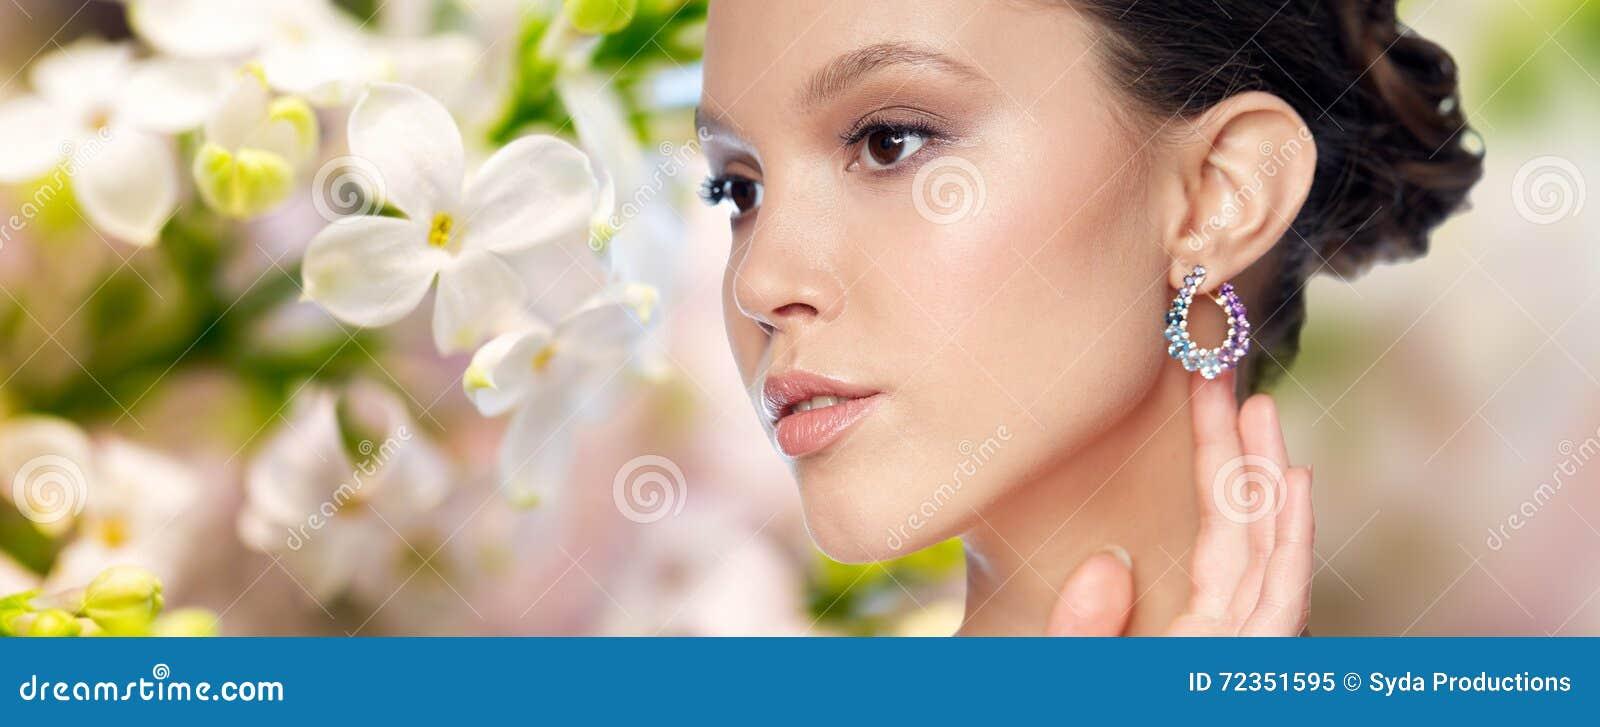 关闭与耳环的美丽的妇女面孔